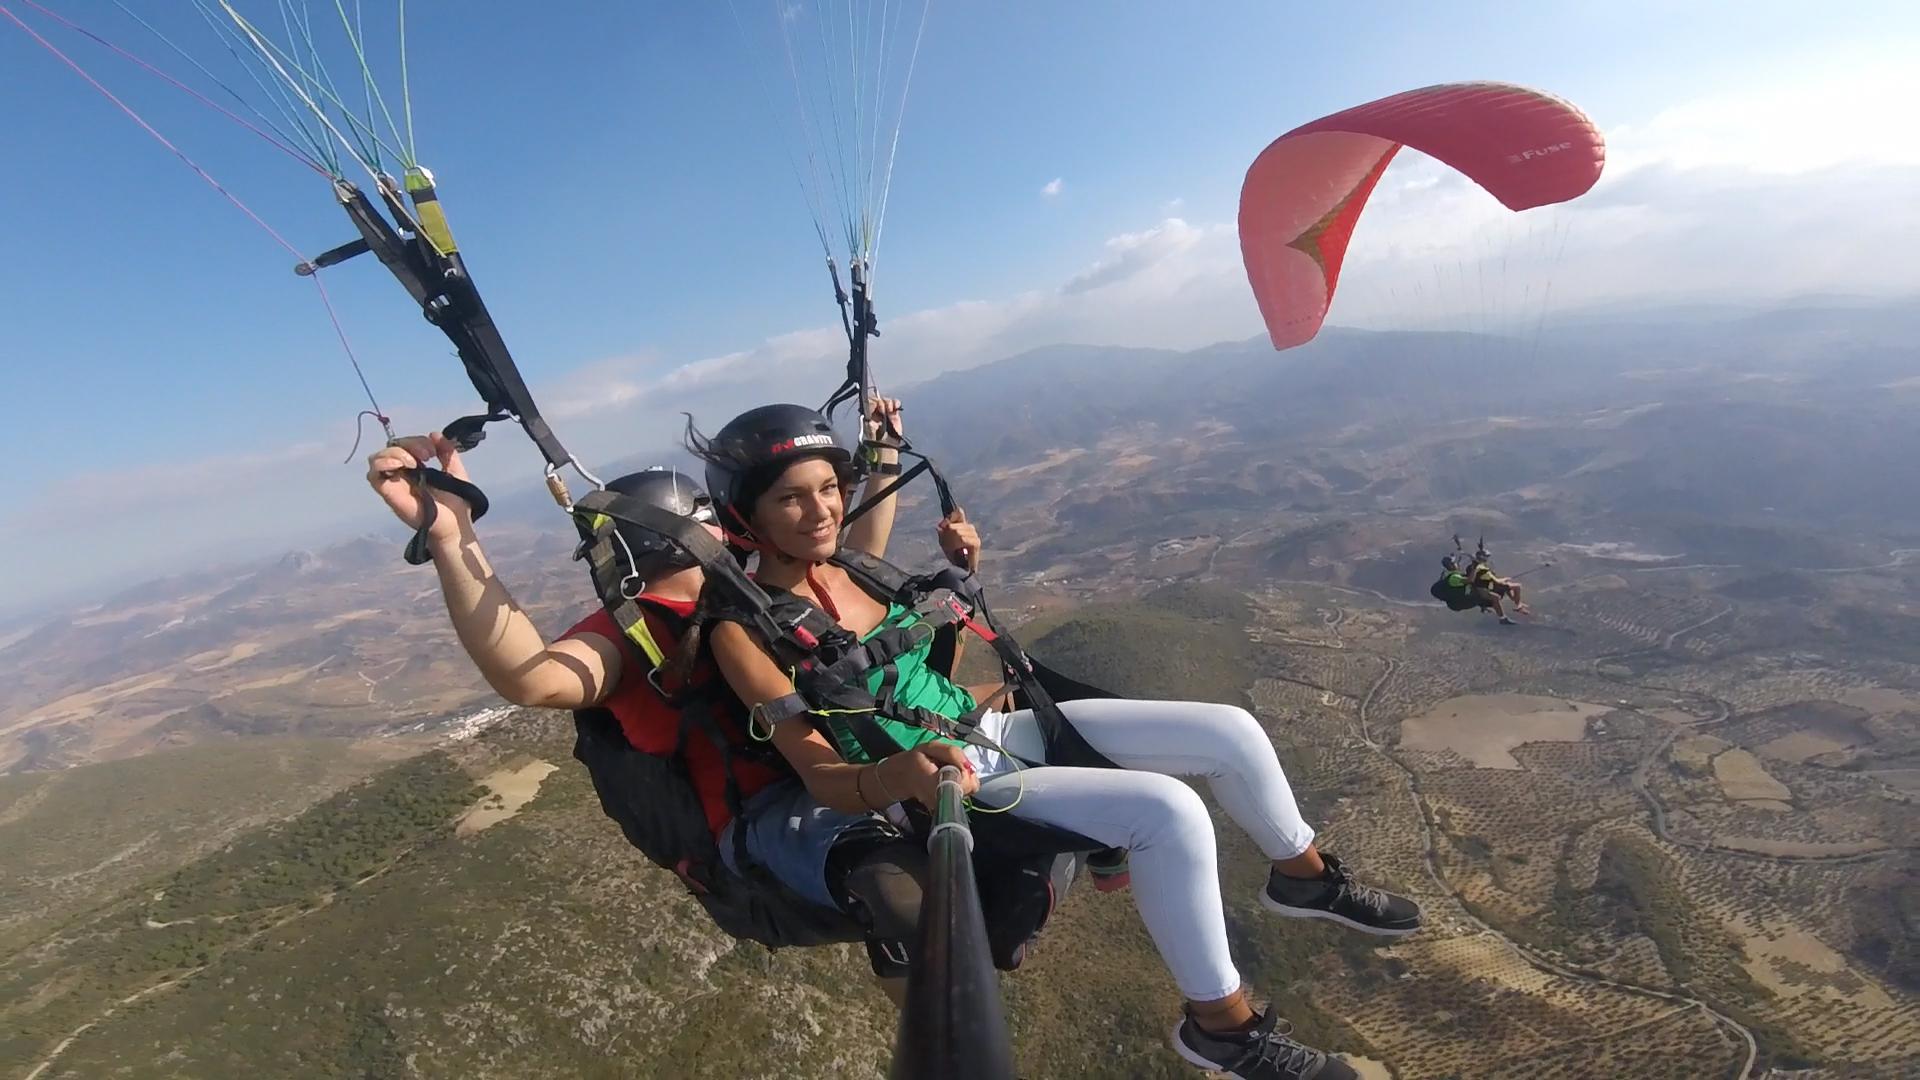 Paragliding Tandem Flight | Algodonales, near Cadiz, Sevilla